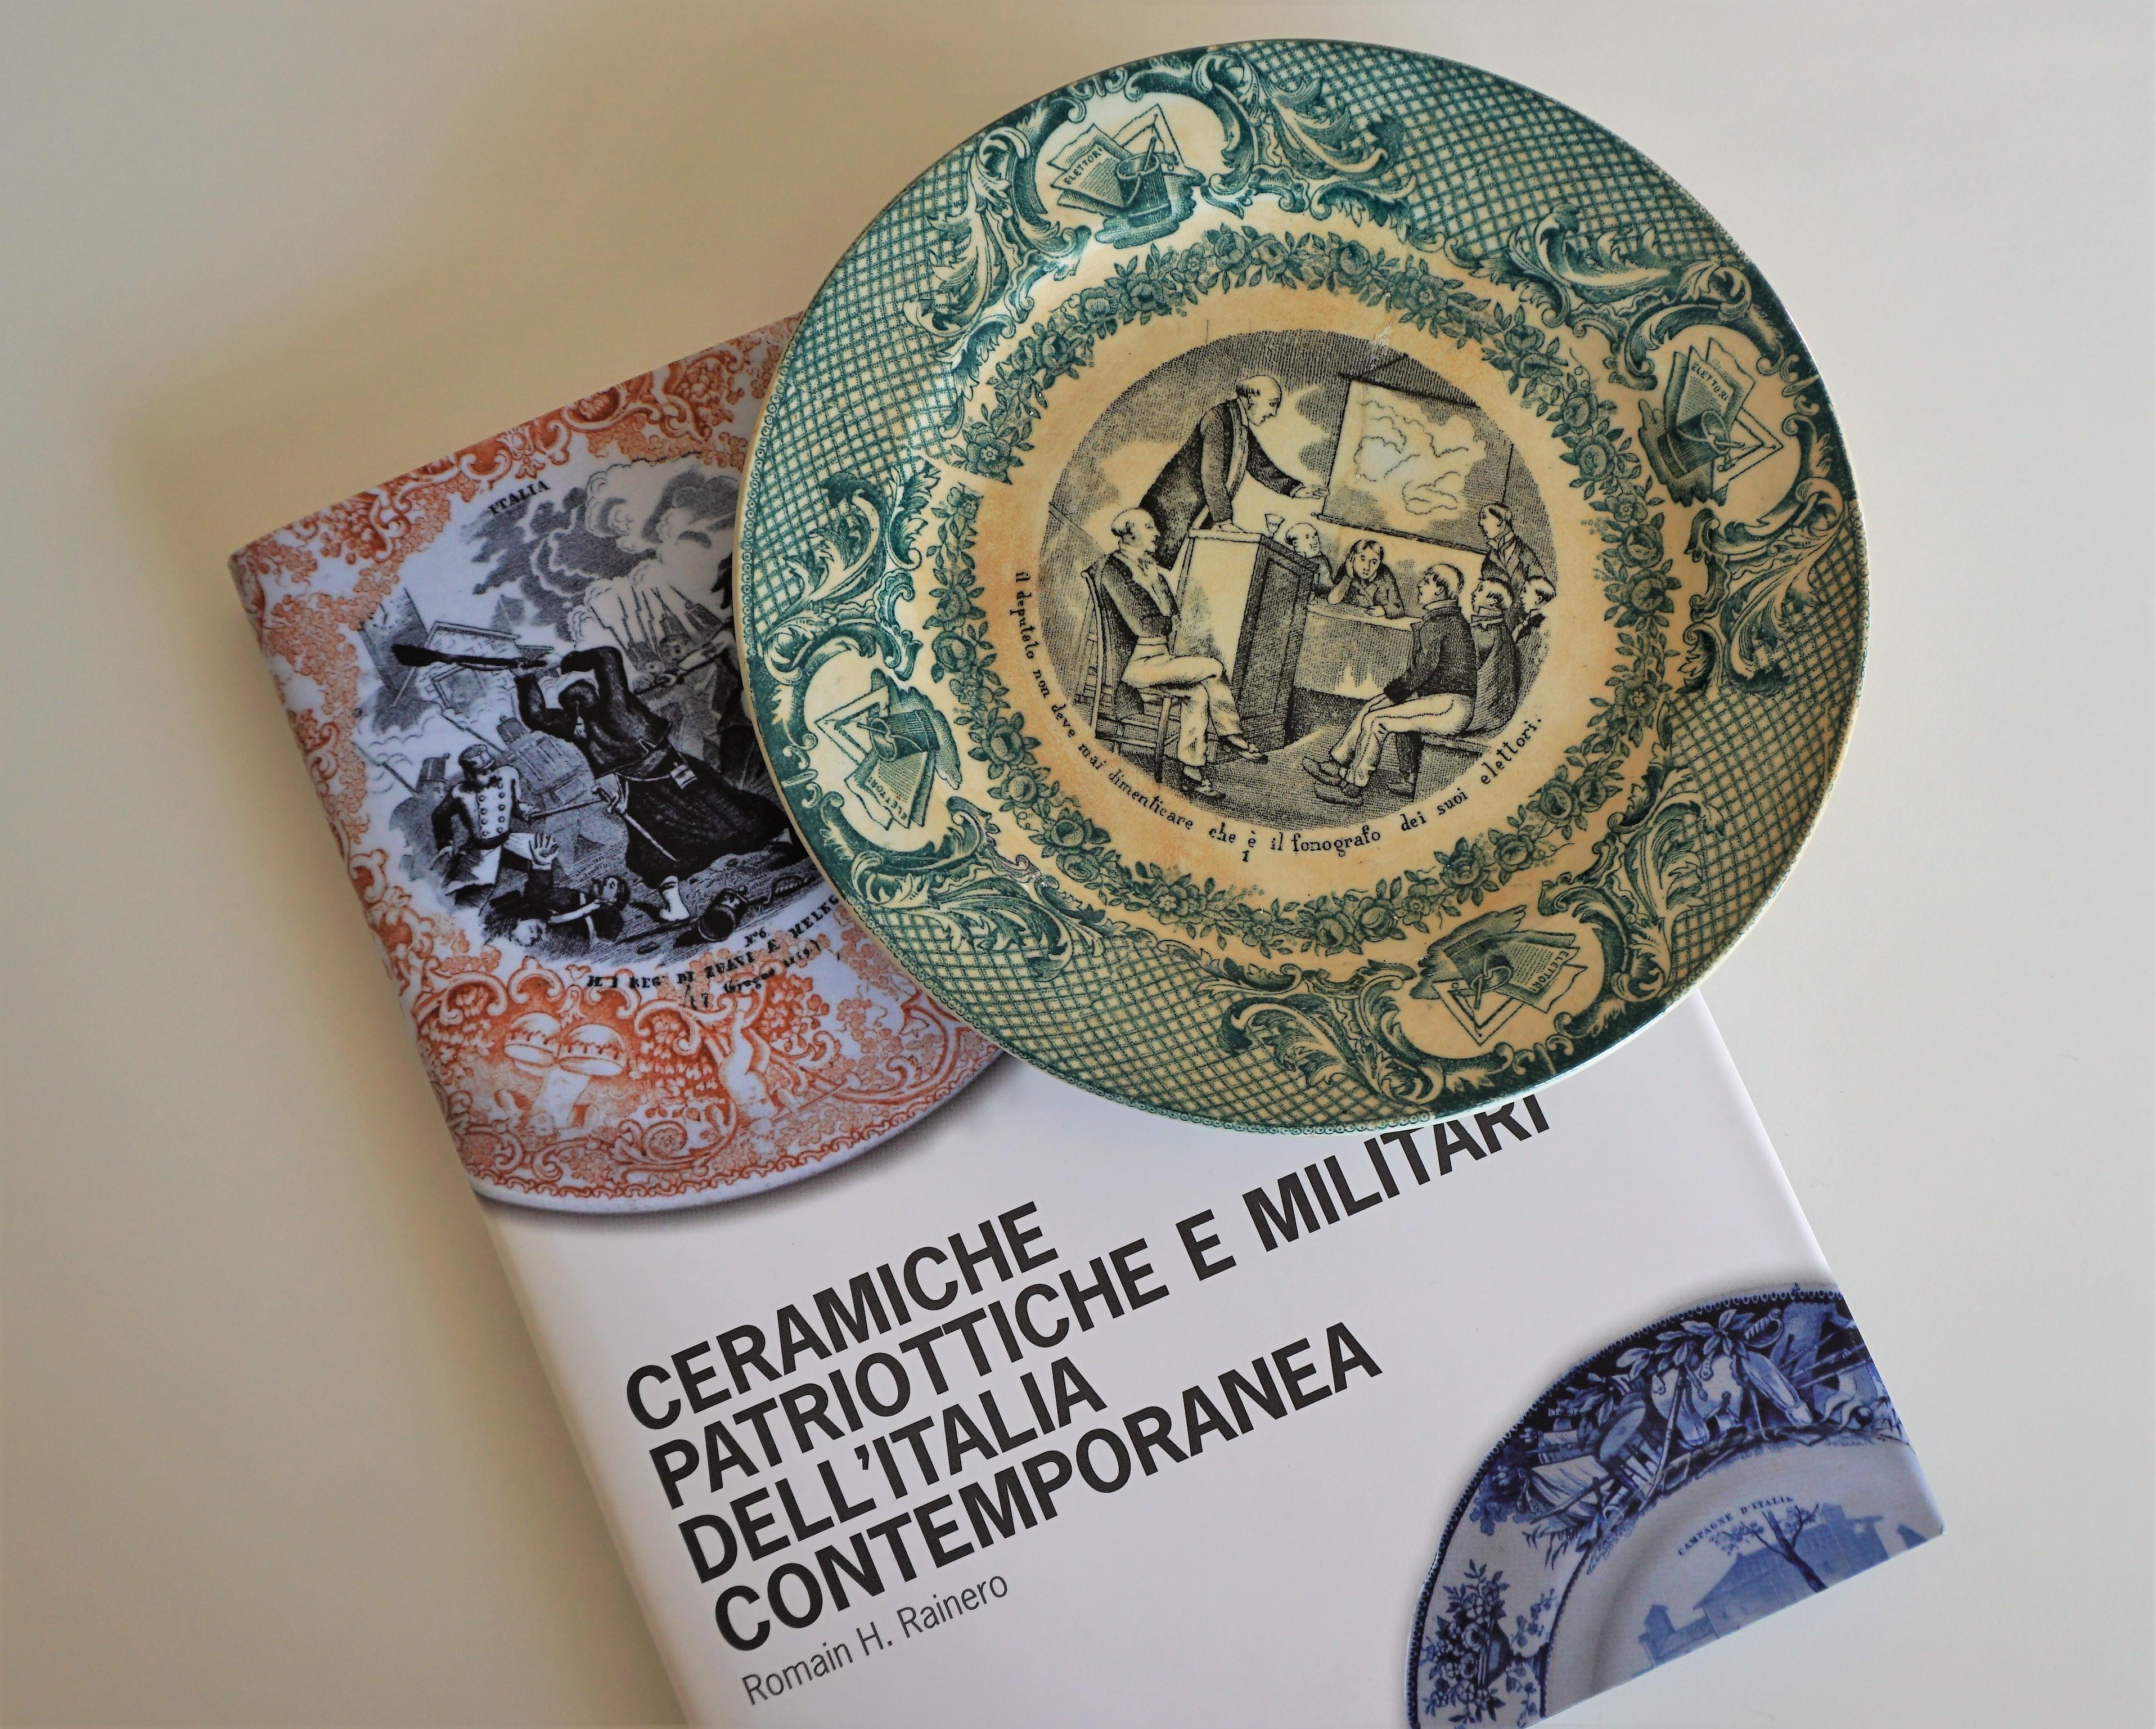 Ceramica vintage spodes italian landscape spode servire zuppiera